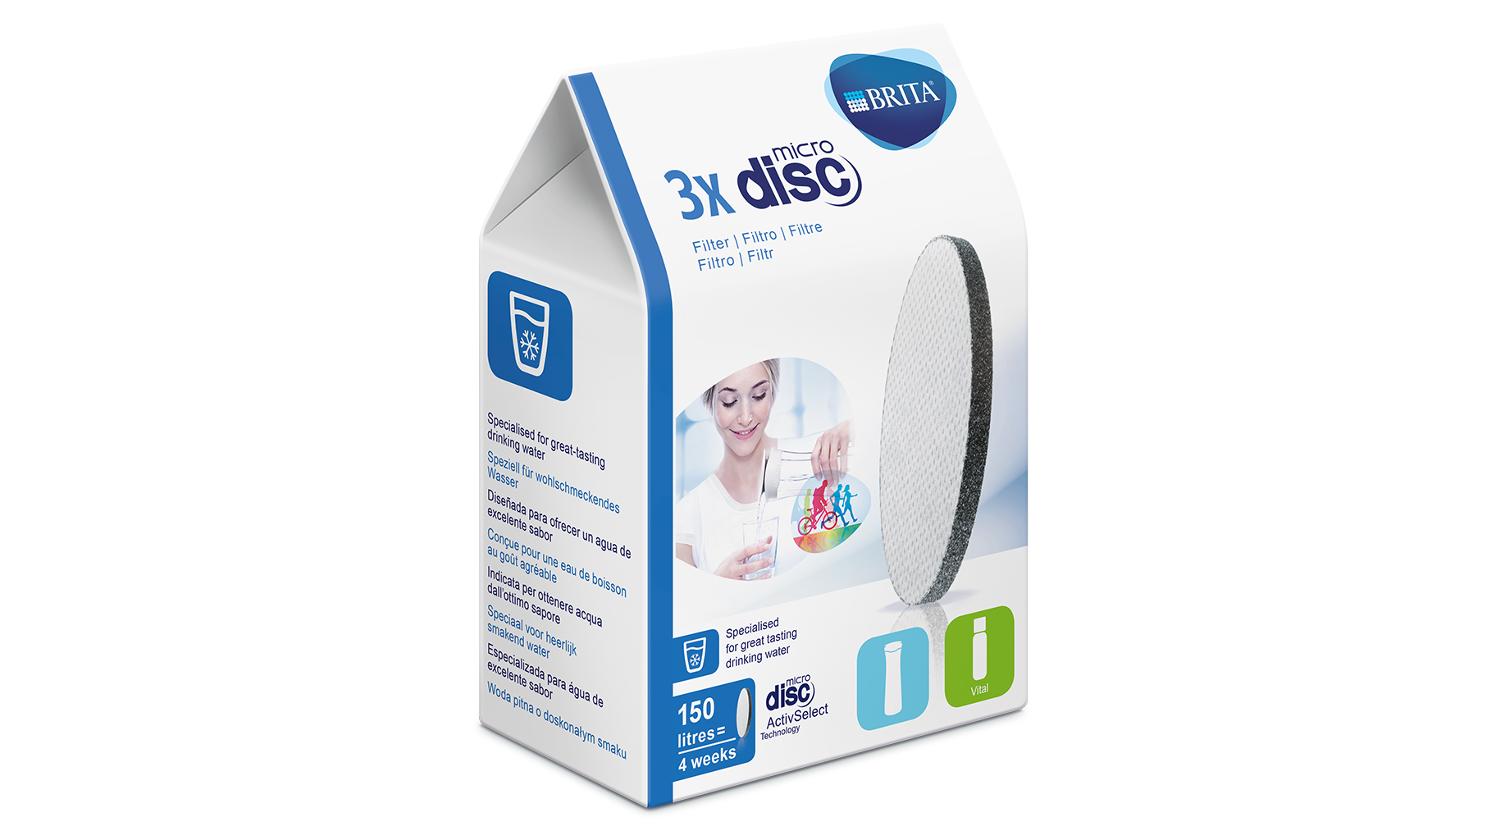 BRITA Filtros e Cartuchos MicroDisc embalagem